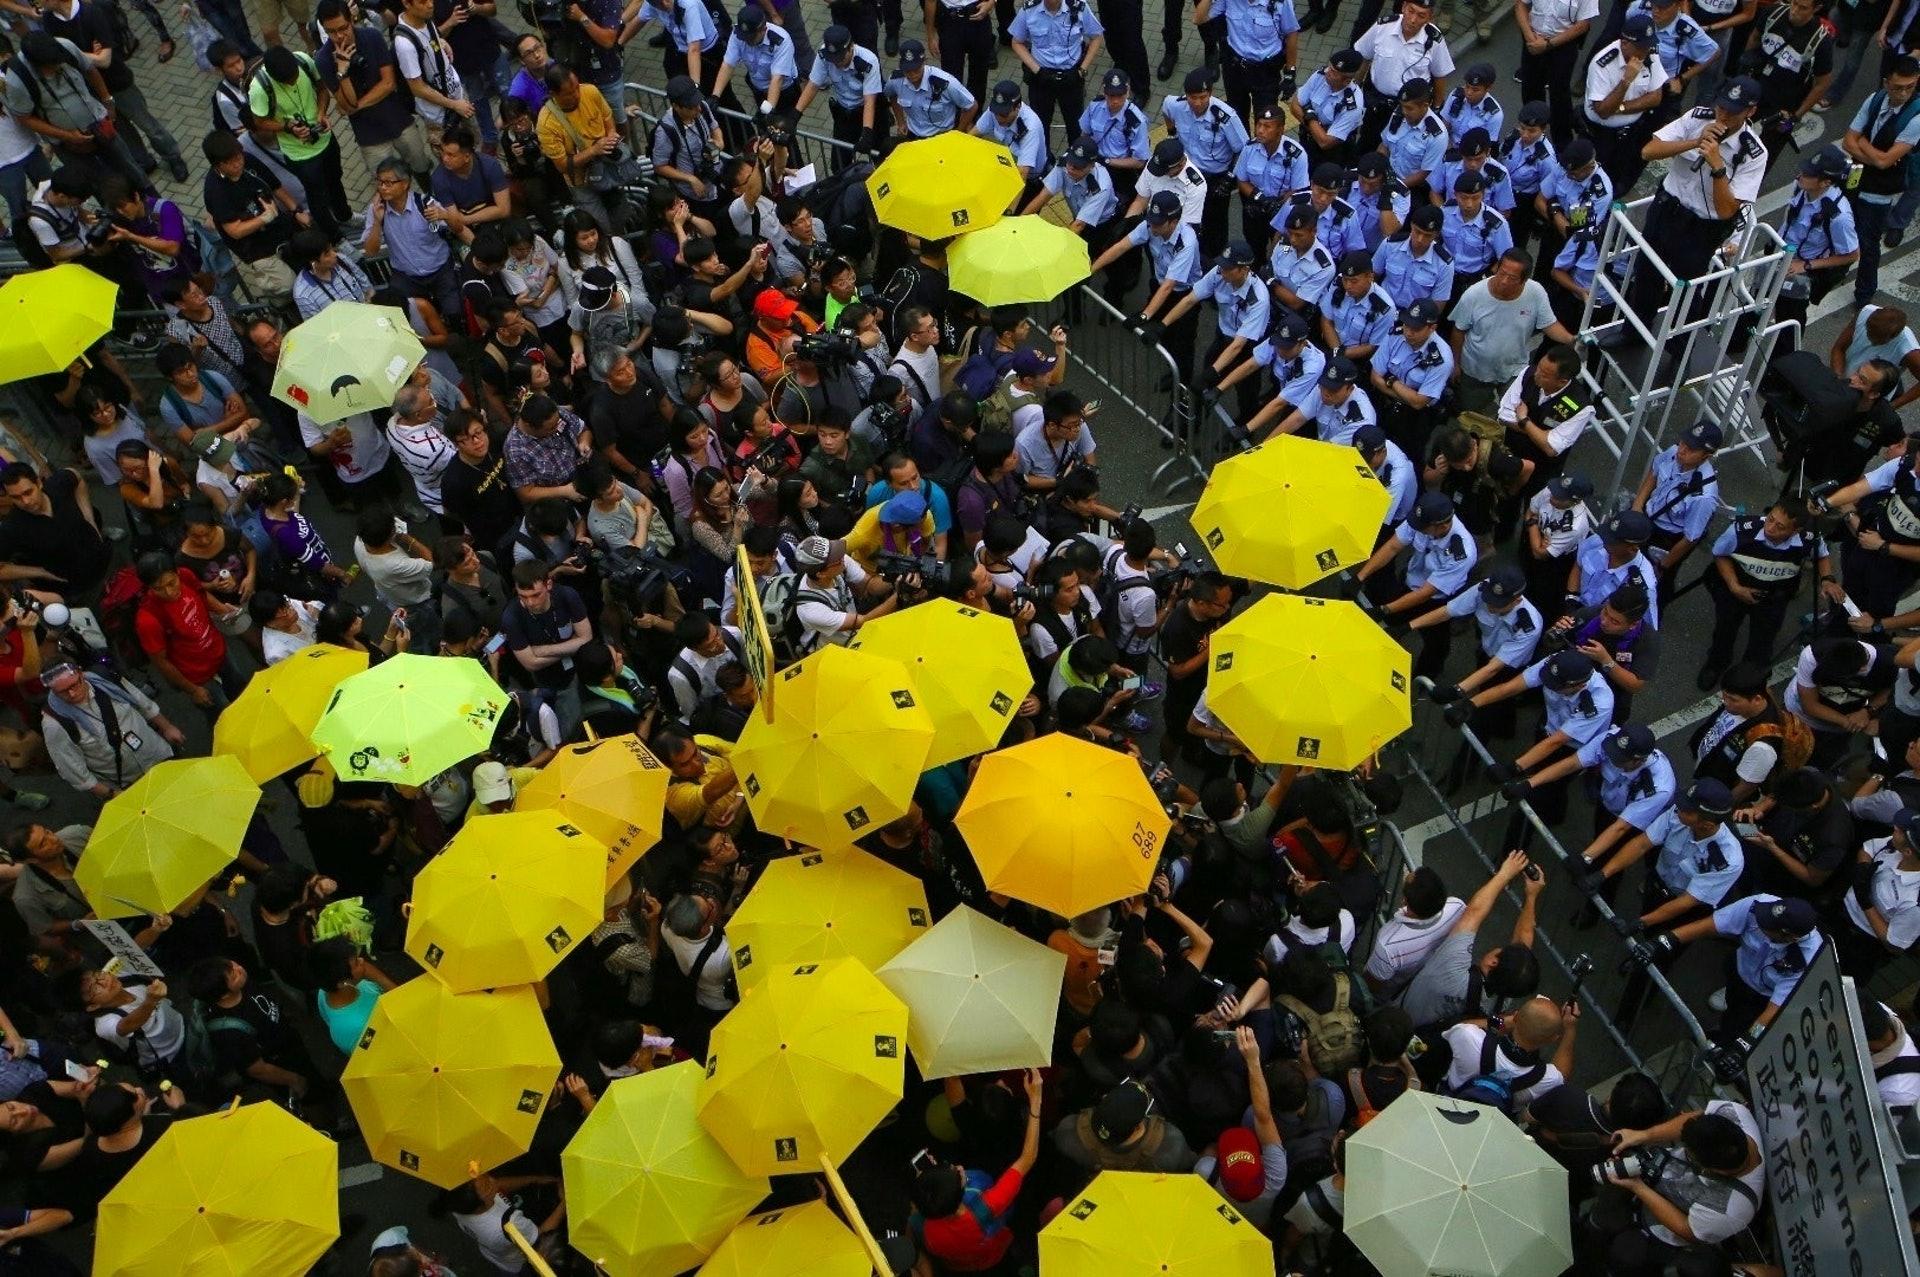 雨傘運動期間,曾觸發多場警民衝突。(資料圖片)